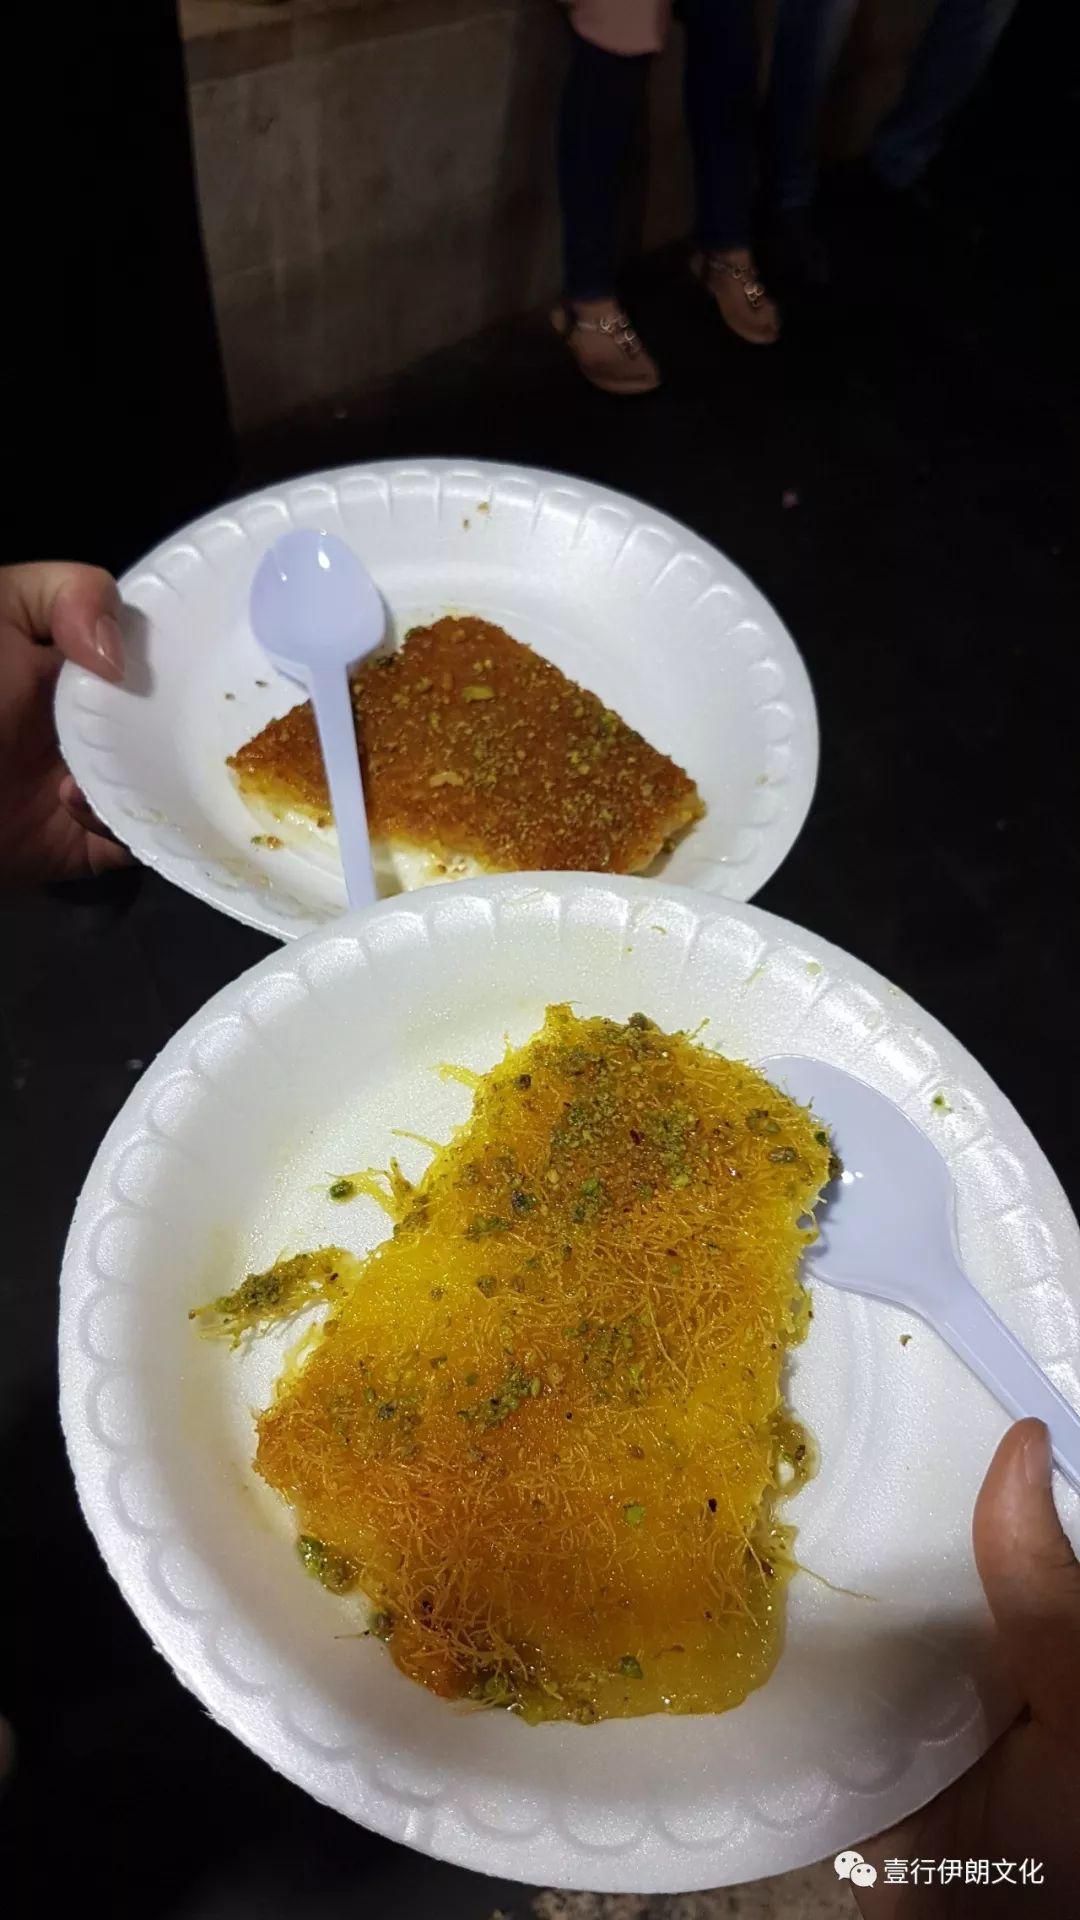 约旦人引以为傲的饮食文化